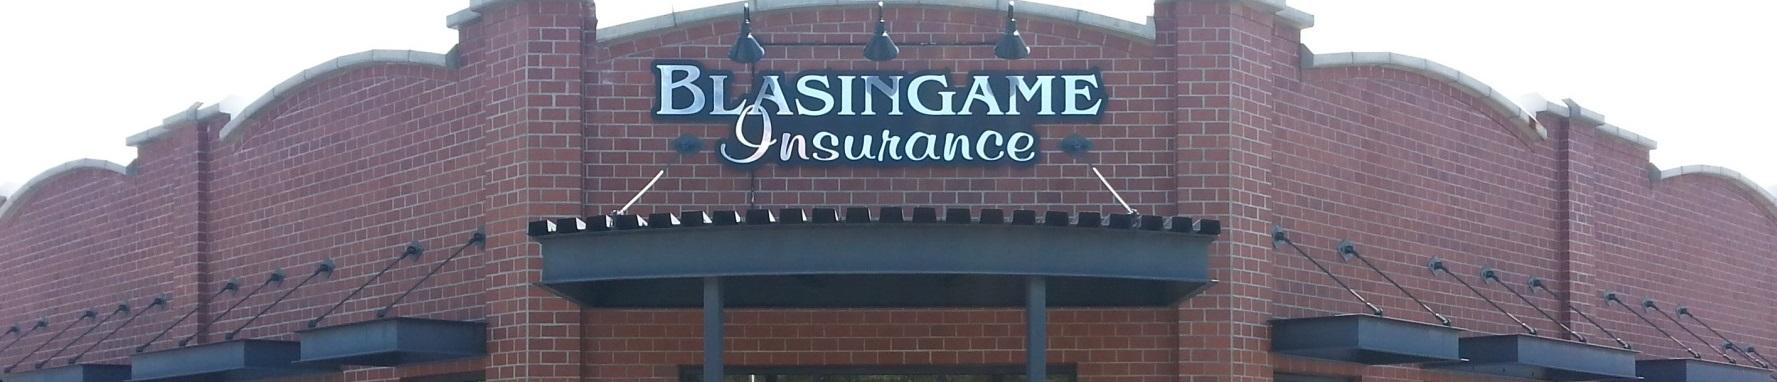 Blas Building cropped.jpg